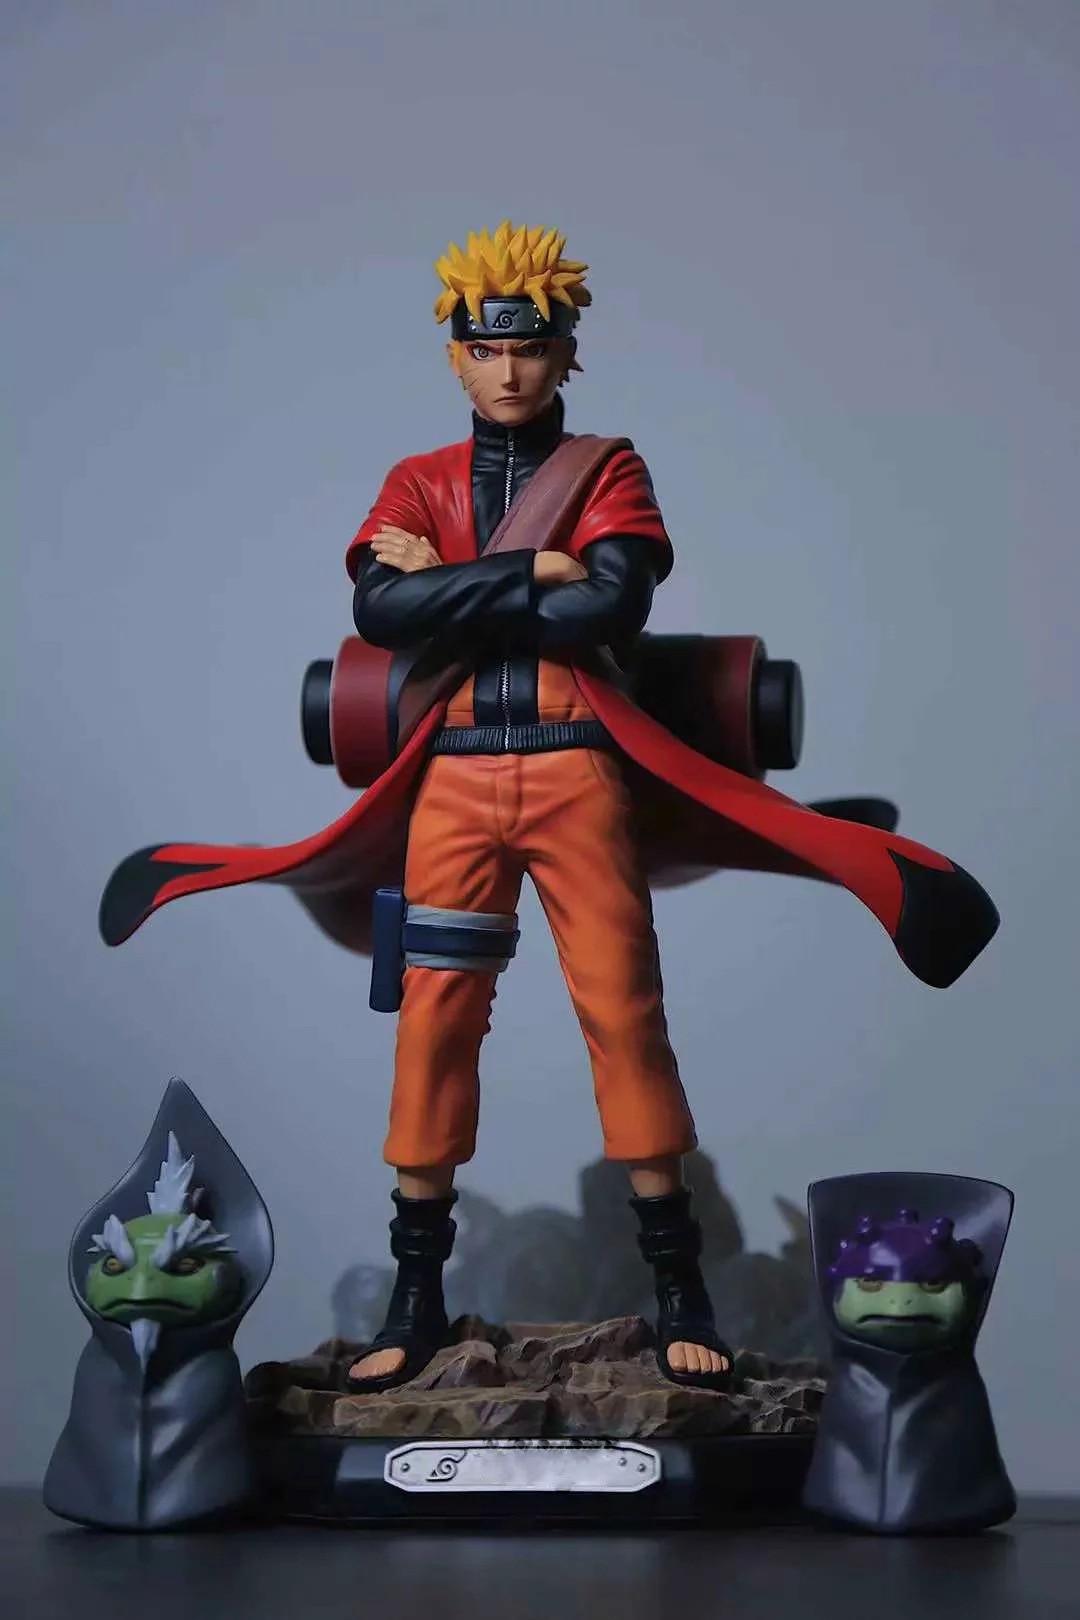 Yaya Anime Naruto Uzumaki Naruto GK Naruto Sage Mode Toad Statue Boxed Garage Kit